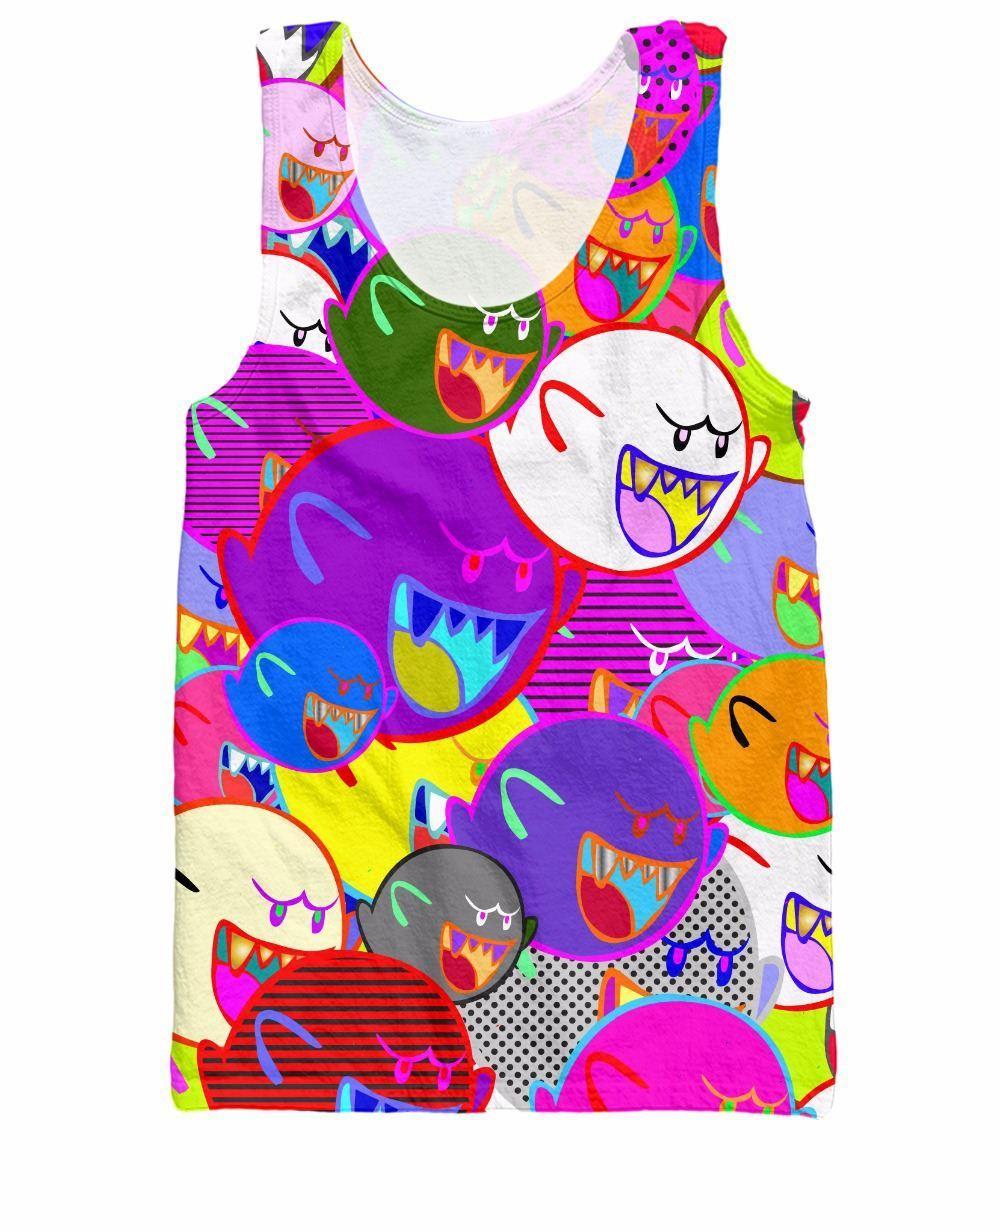 w151231 Canotta RuiYi Vibrant Boo ha perseguitato la nostra infanzia a 8 bit con la maglietta stampa Mario Bros 3d Stile estivo Abbigliamento moda